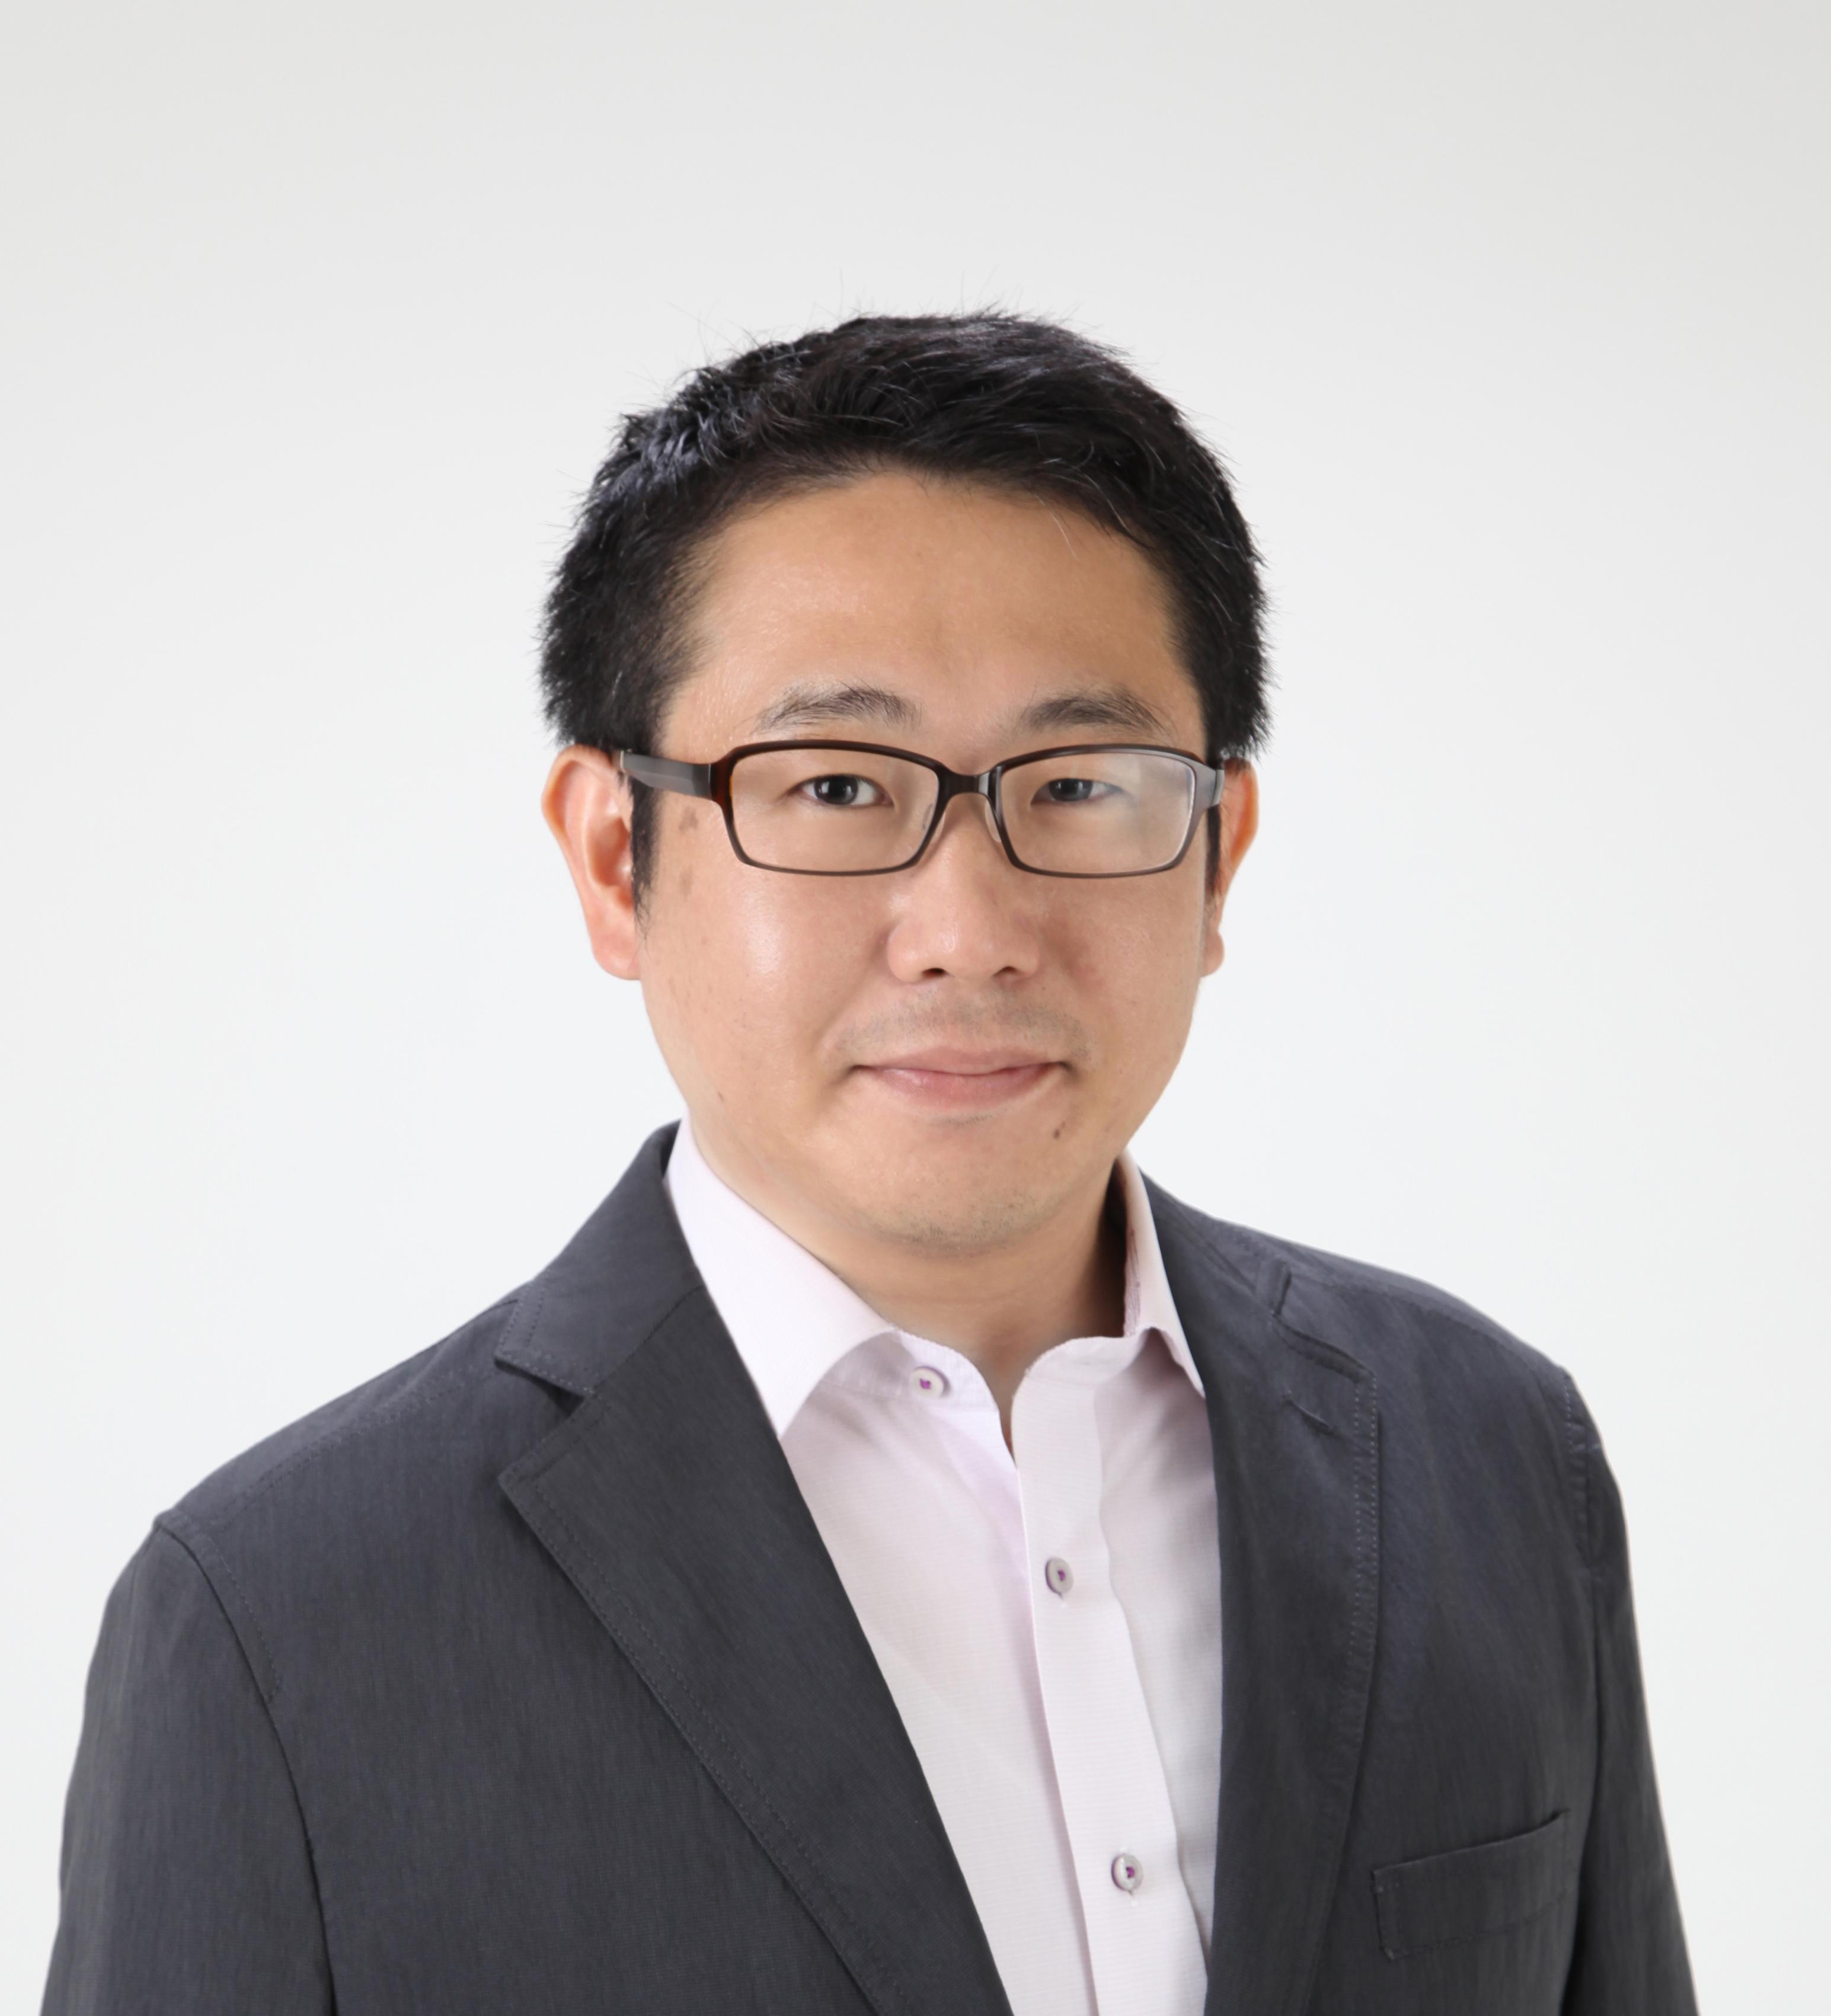 稲田勇祐氏